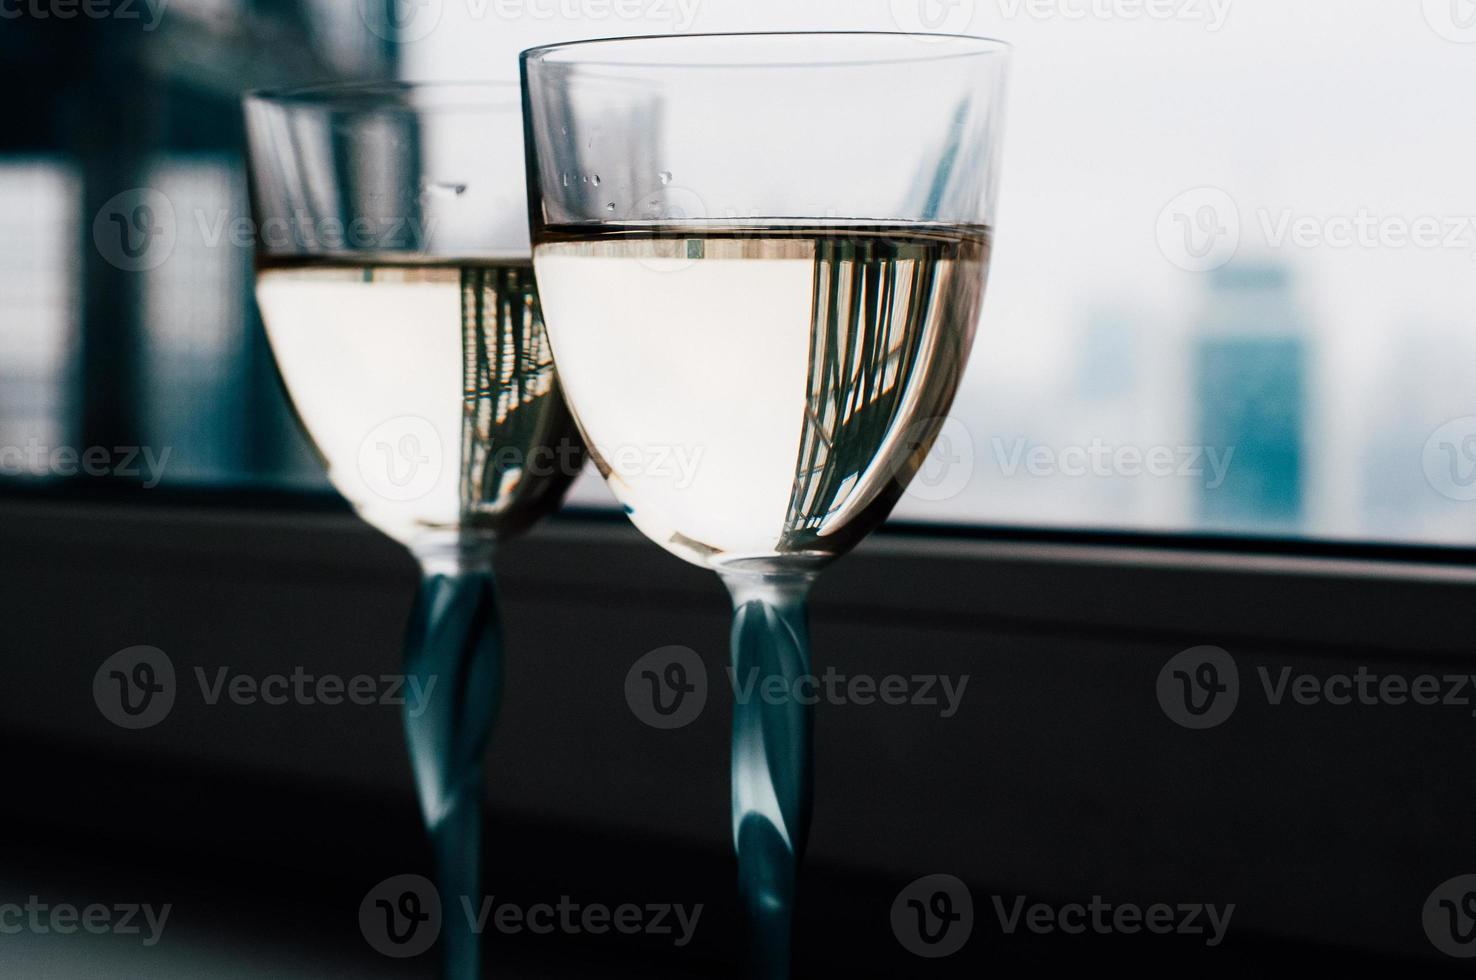 deux verres de vin blanc sur le rebord de la fenêtre, beaux reflets photo